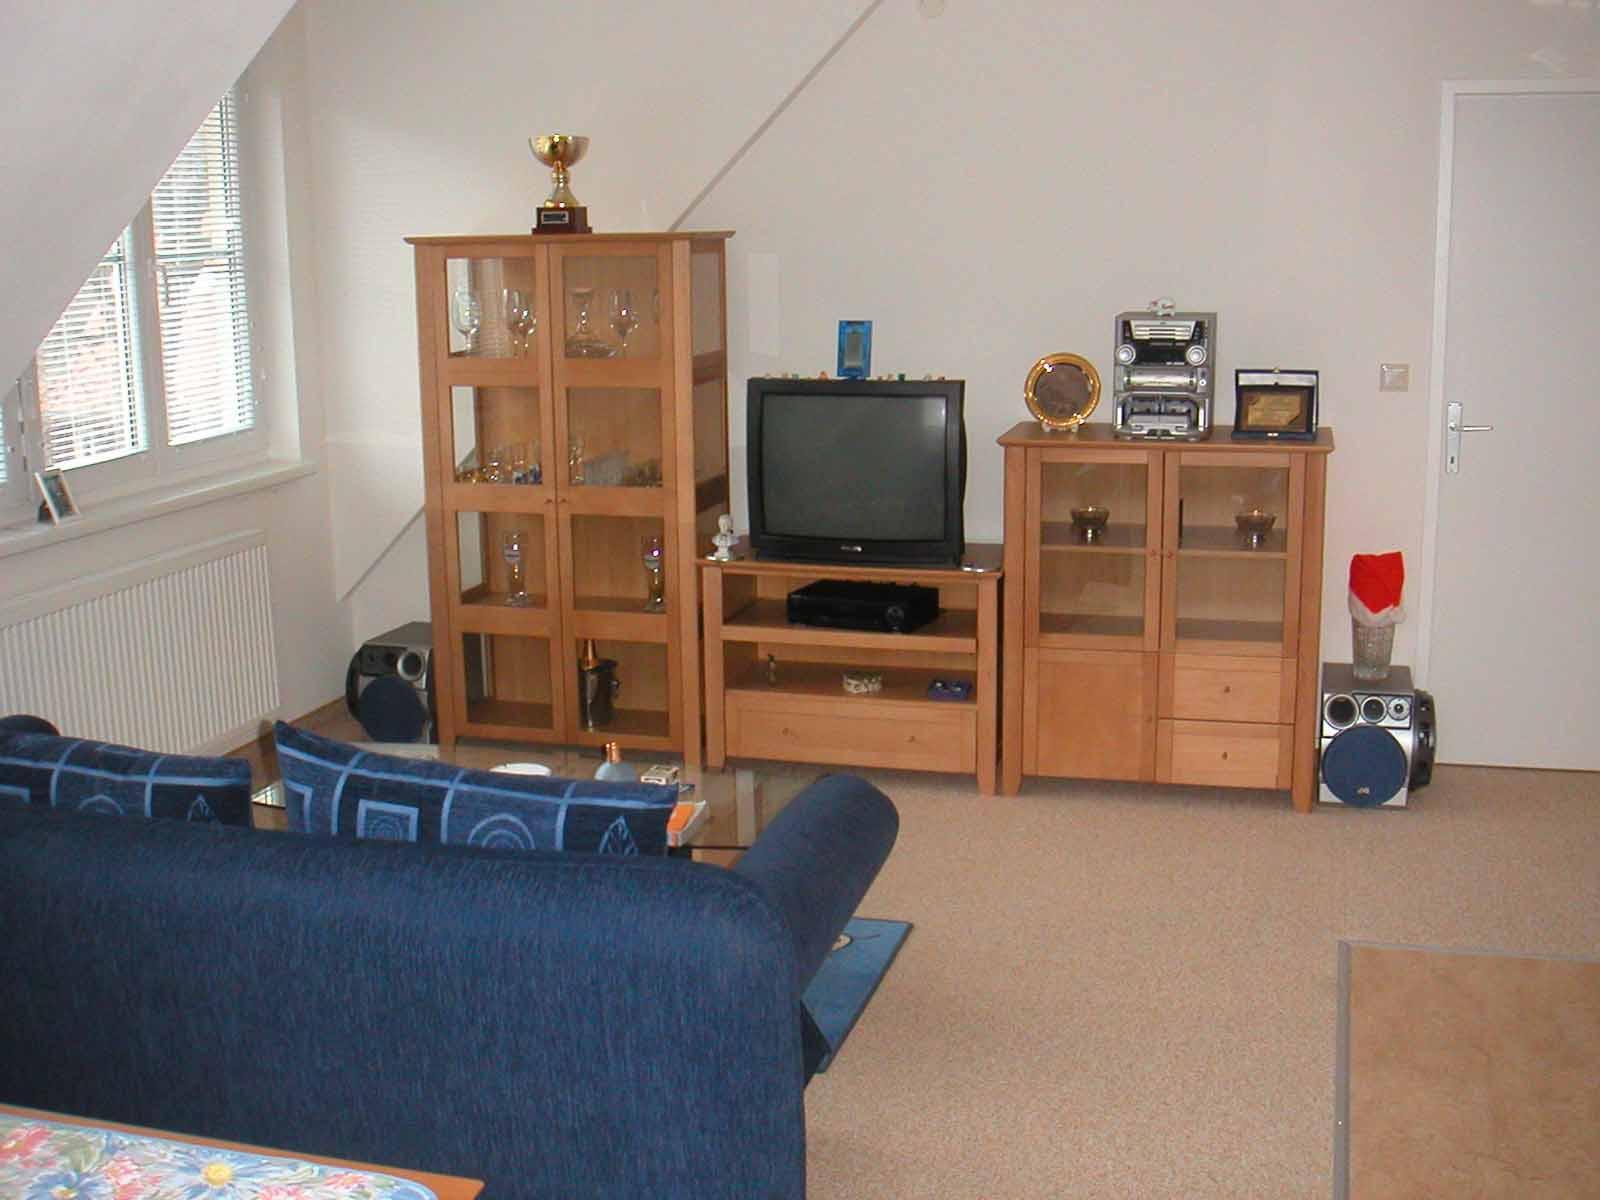 Wohnzimmer dachgeschoss wohnen holz couchstyle for Wohnzimmer dachgeschoss